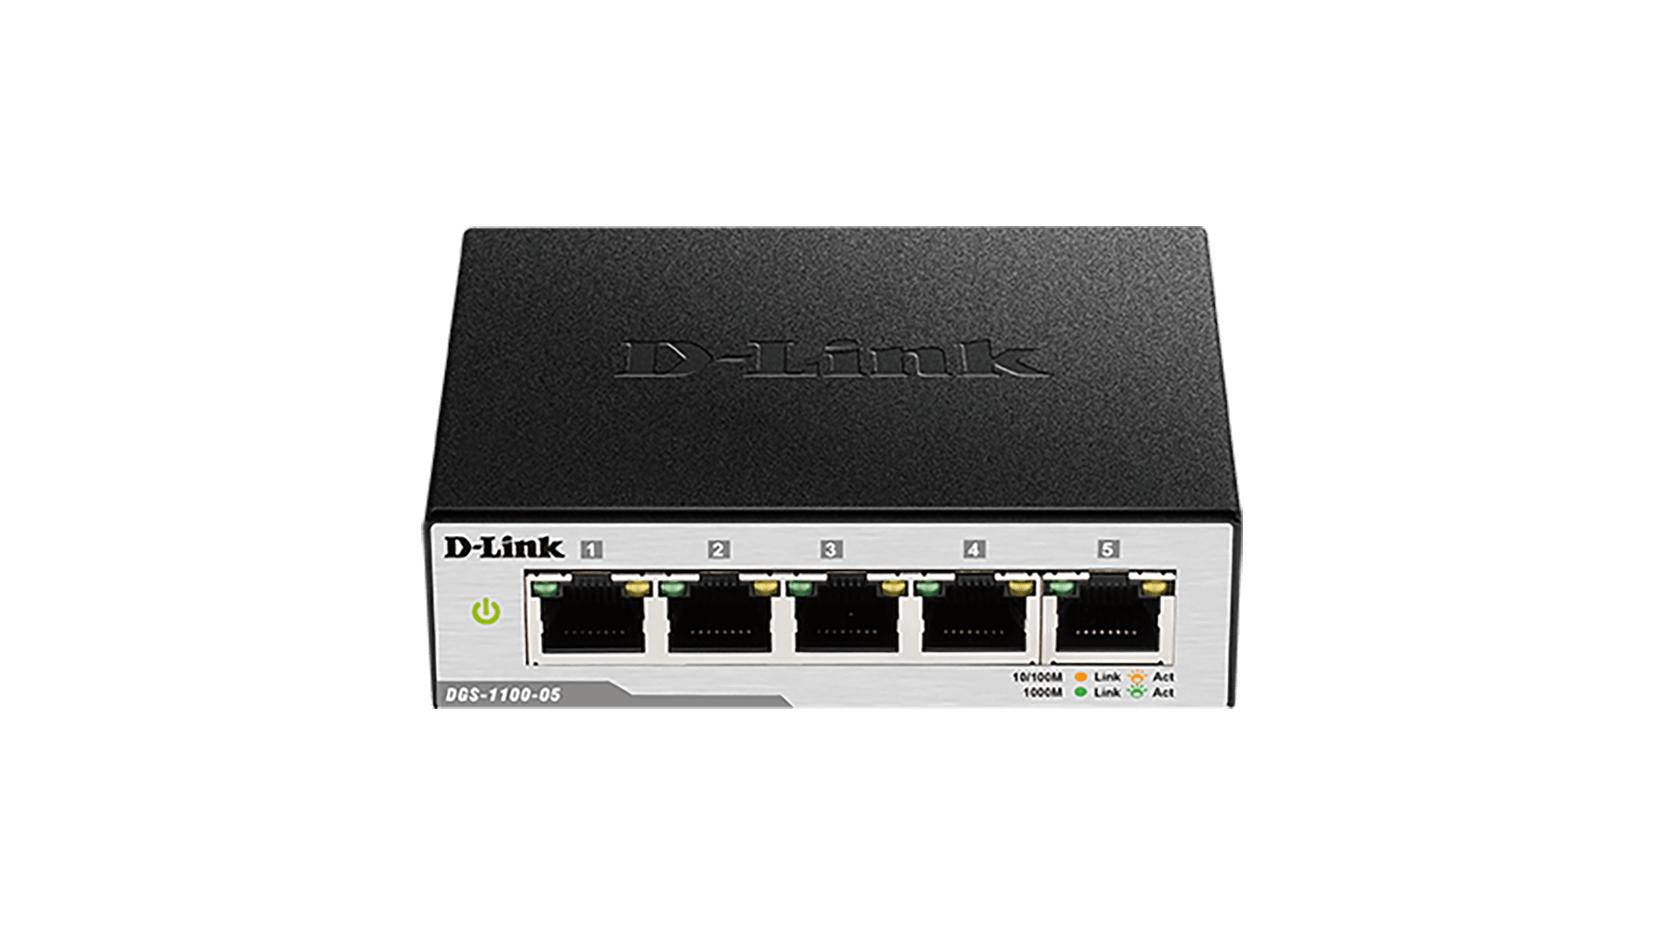 D-Link EasySmart Gestionado L2 Gigabit Ethernet (10/100/1000) Negro